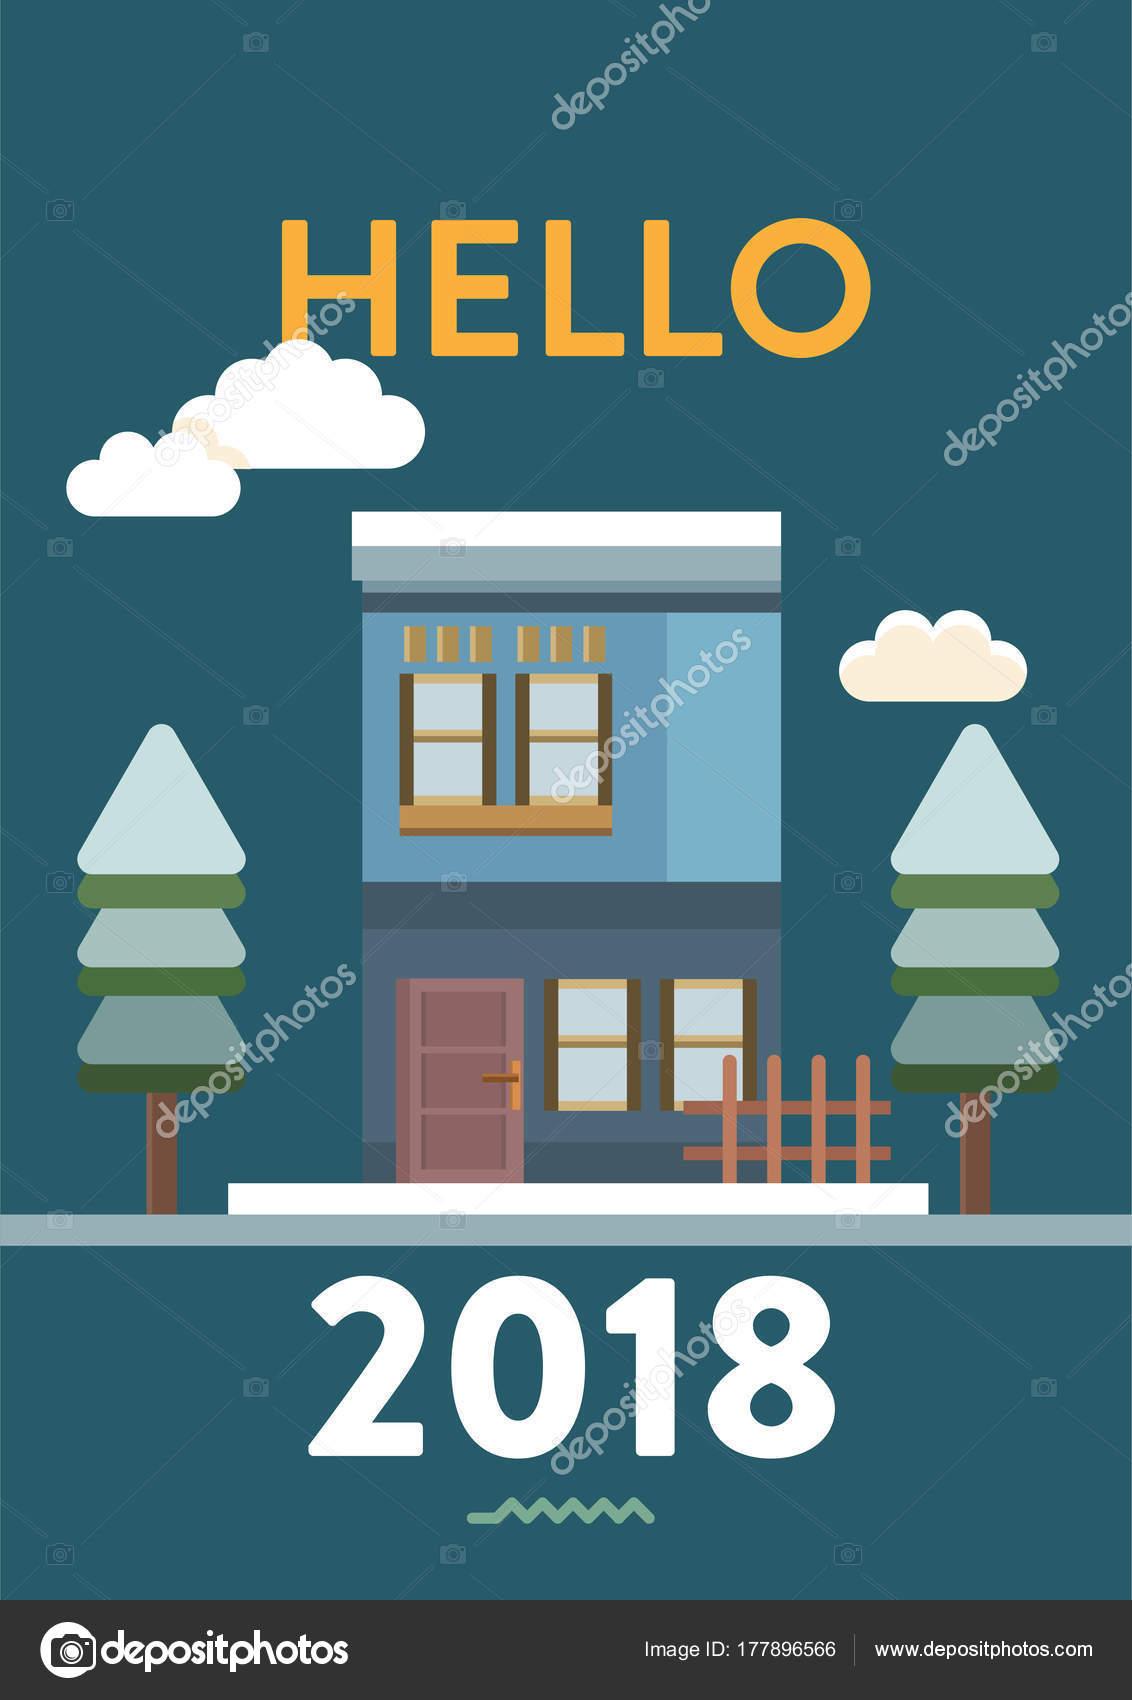 Diseño Cartel Feliz Año Nuevo — Vector de stock © Graphiqa #177896566